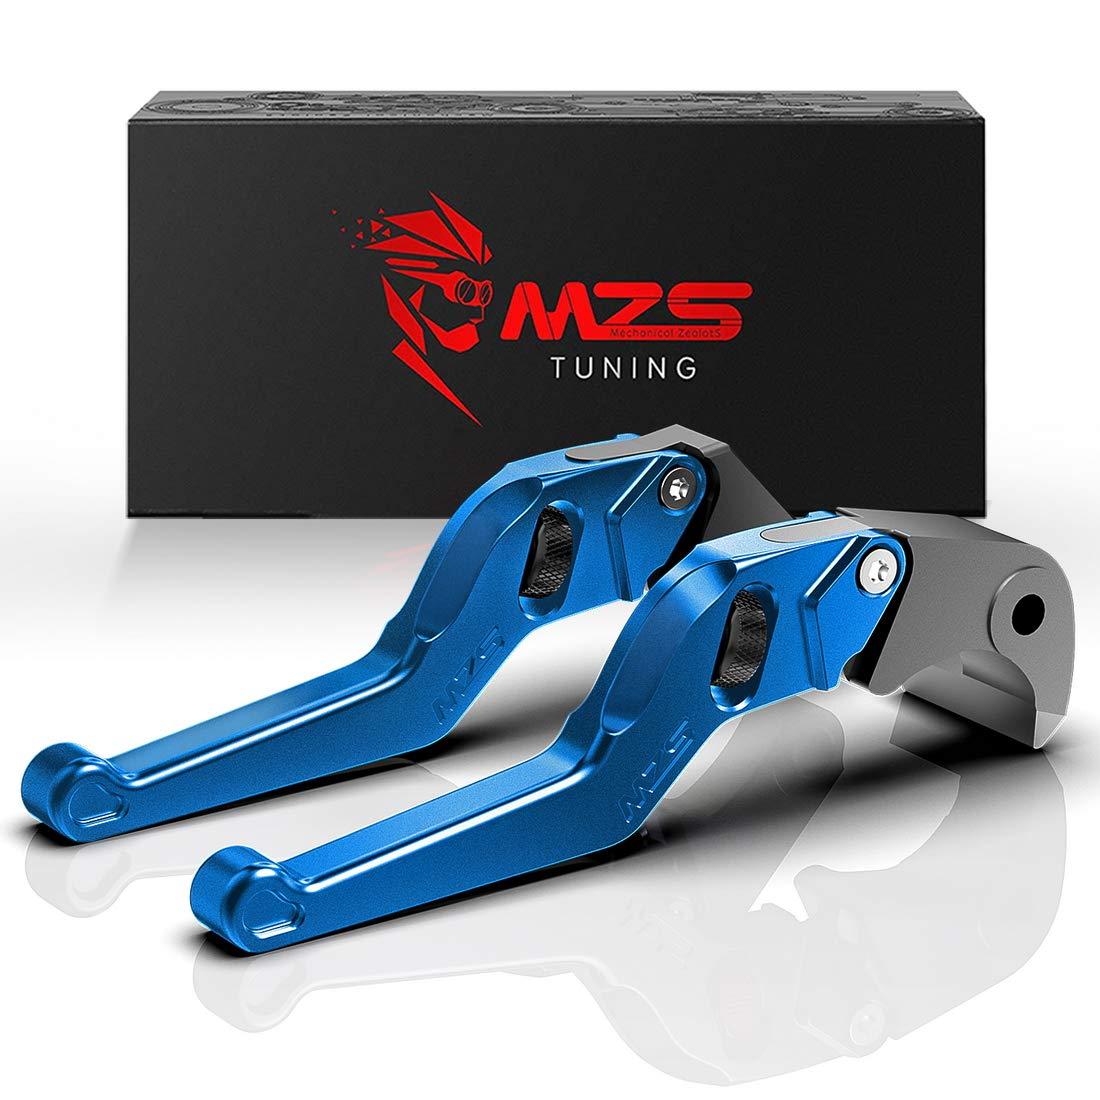 MZS Gold Short Levers Wheel Roller Brake Clutch Adjustment for CBR600 CBR 600 F2 F3 F4 F4i CB599 CB600 HORNET CB919 CBR900RR CB750 Magna 750 Shadow 600 1100 VT 600C 750C 1100C VT1300 VTX1300